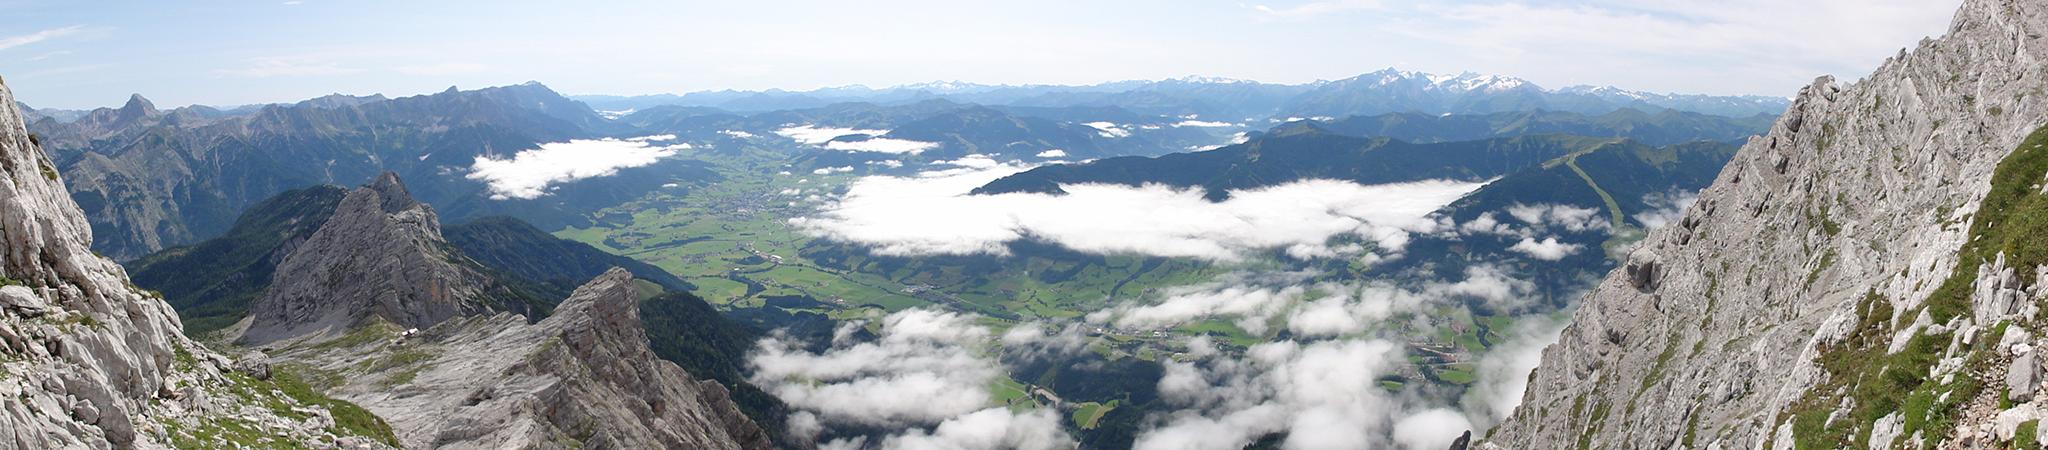 Arnoweg: Panorama über dem Saalfeldener Becken mit Steinernem Meer links und Glocknergruppe rechts im Hintergrund